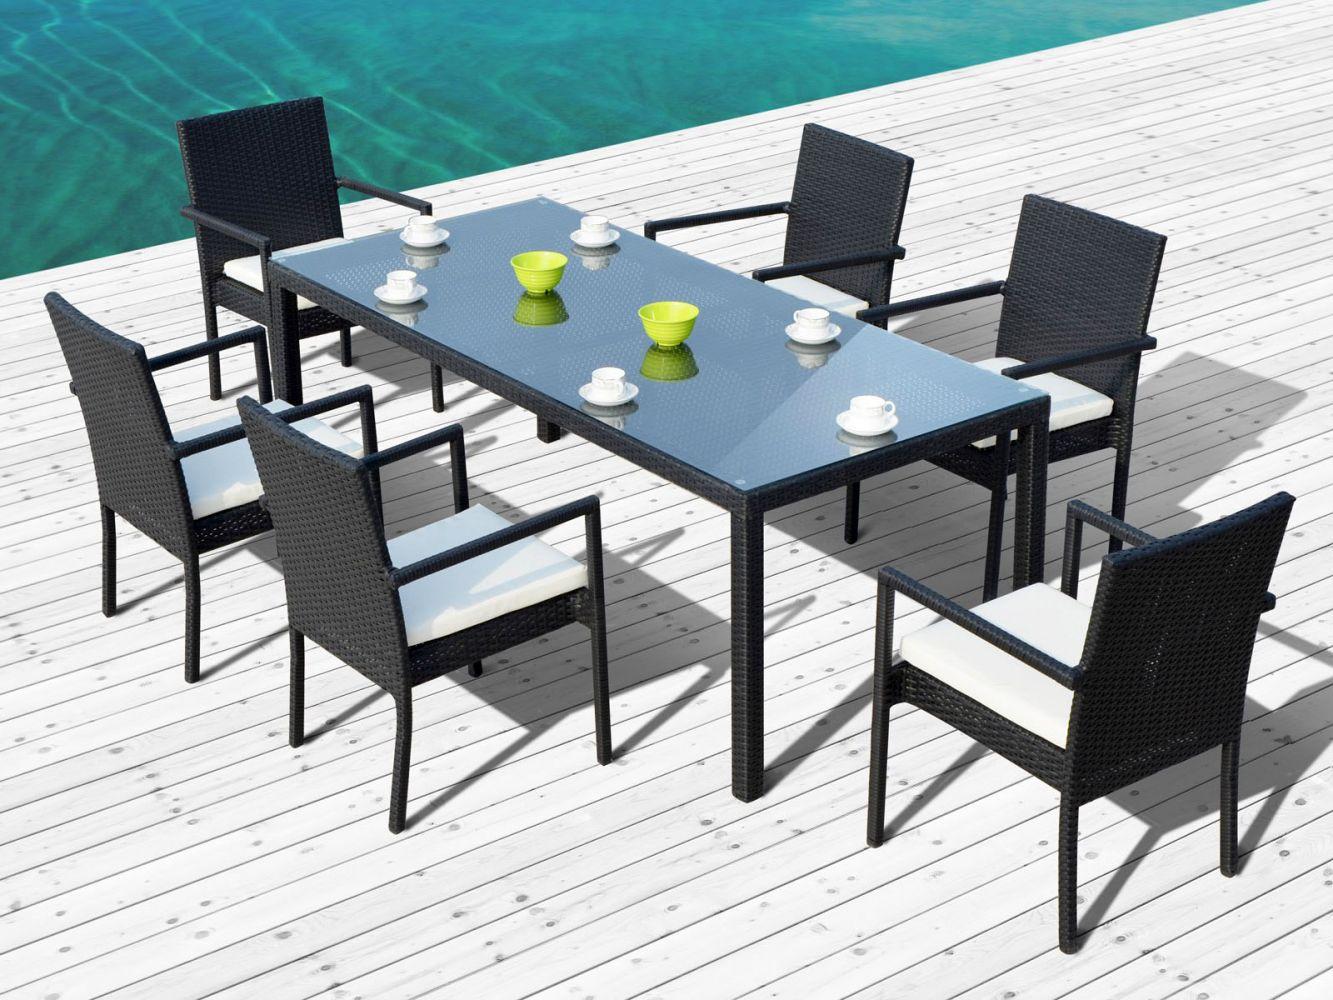 ensemble table avec chaises de jardin en r sine noire atlas meuble et d coration marseille. Black Bedroom Furniture Sets. Home Design Ideas